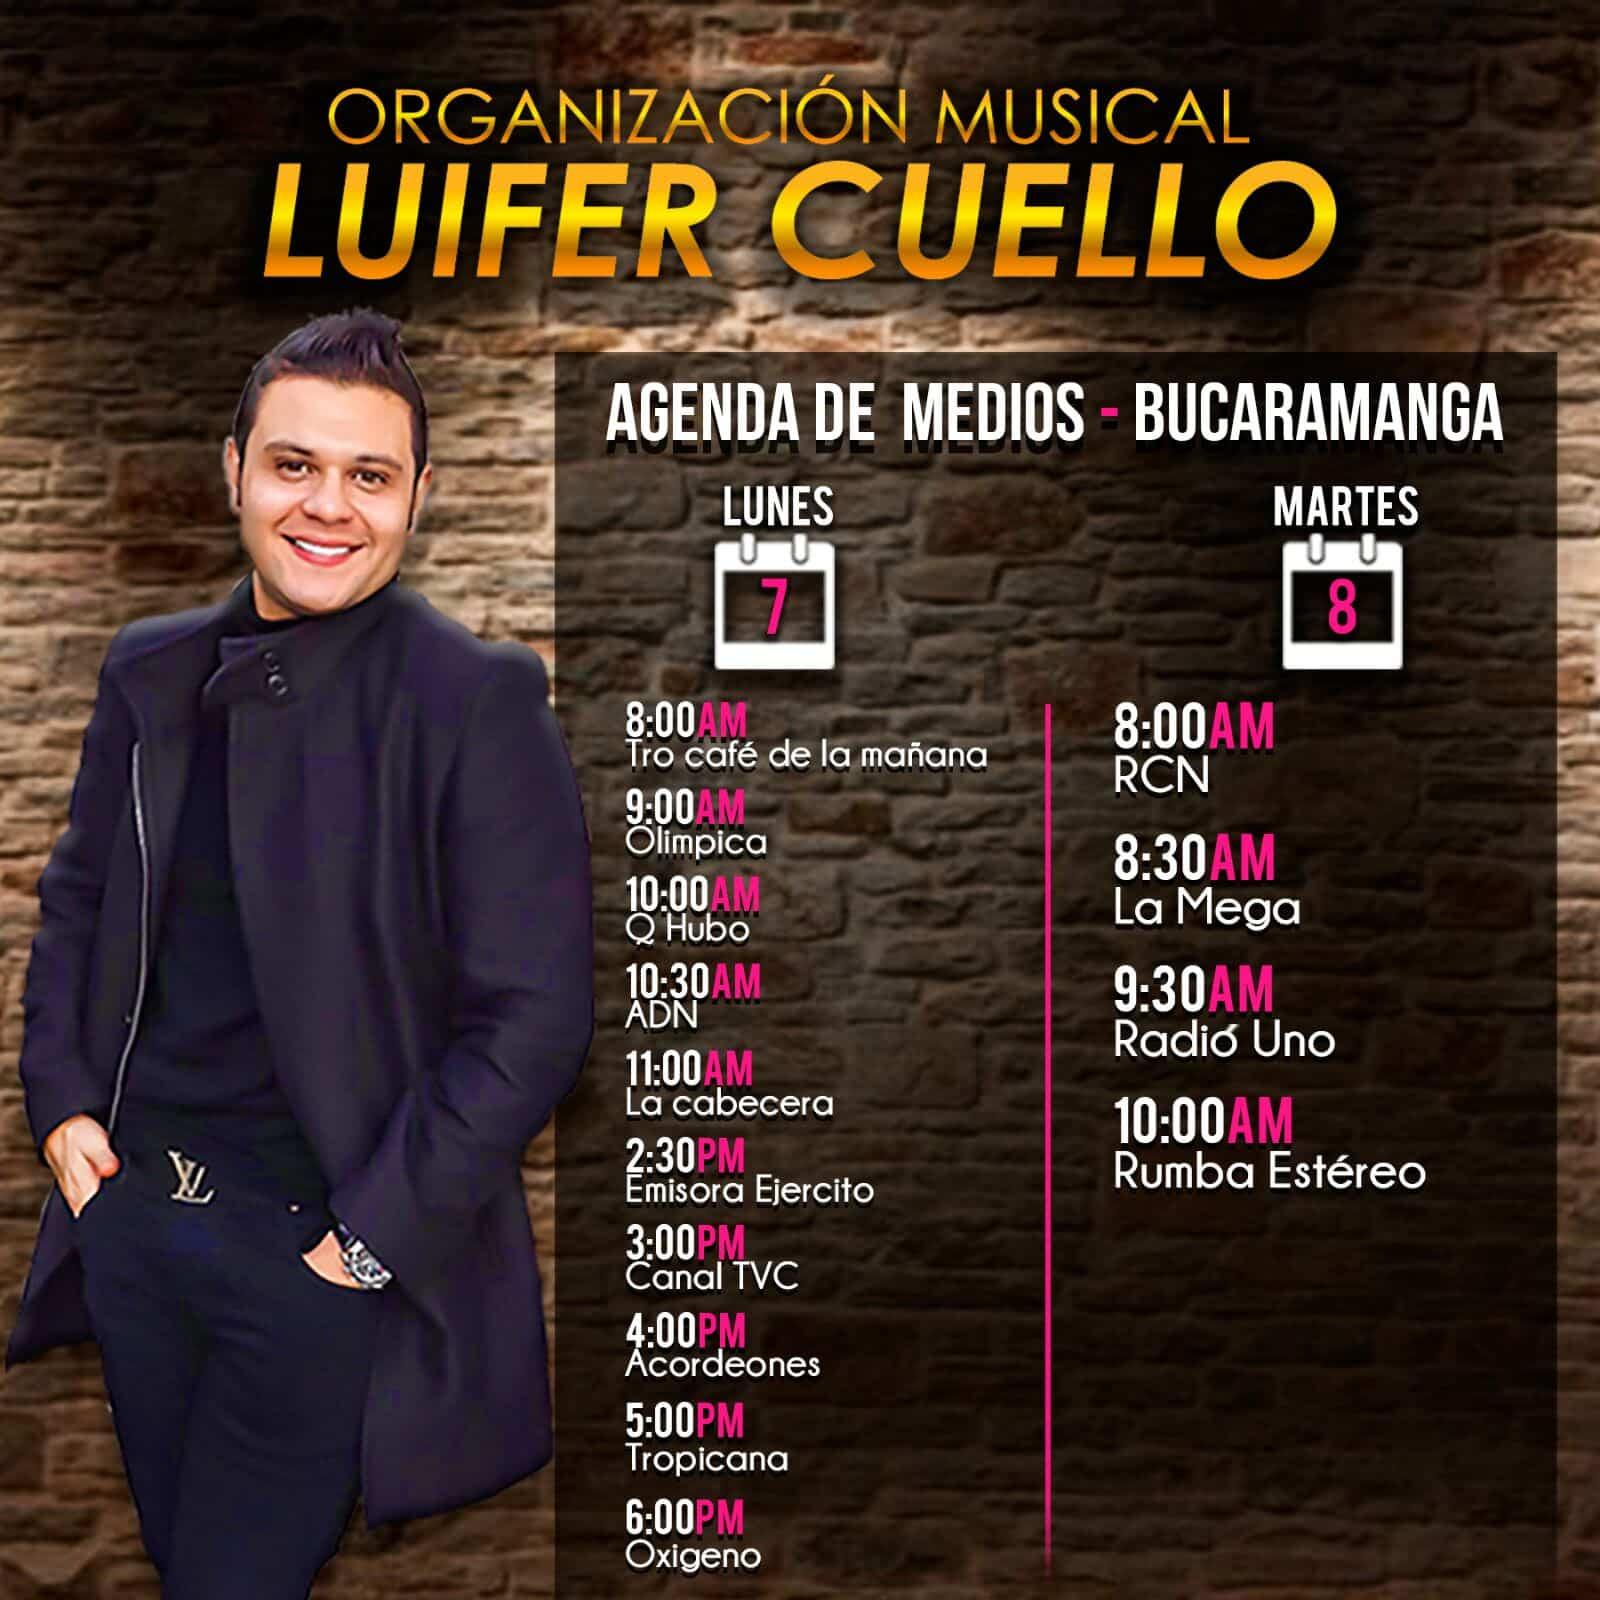 LUIFER CUELLO DE PROMOCIÓN EN Bucaramanga